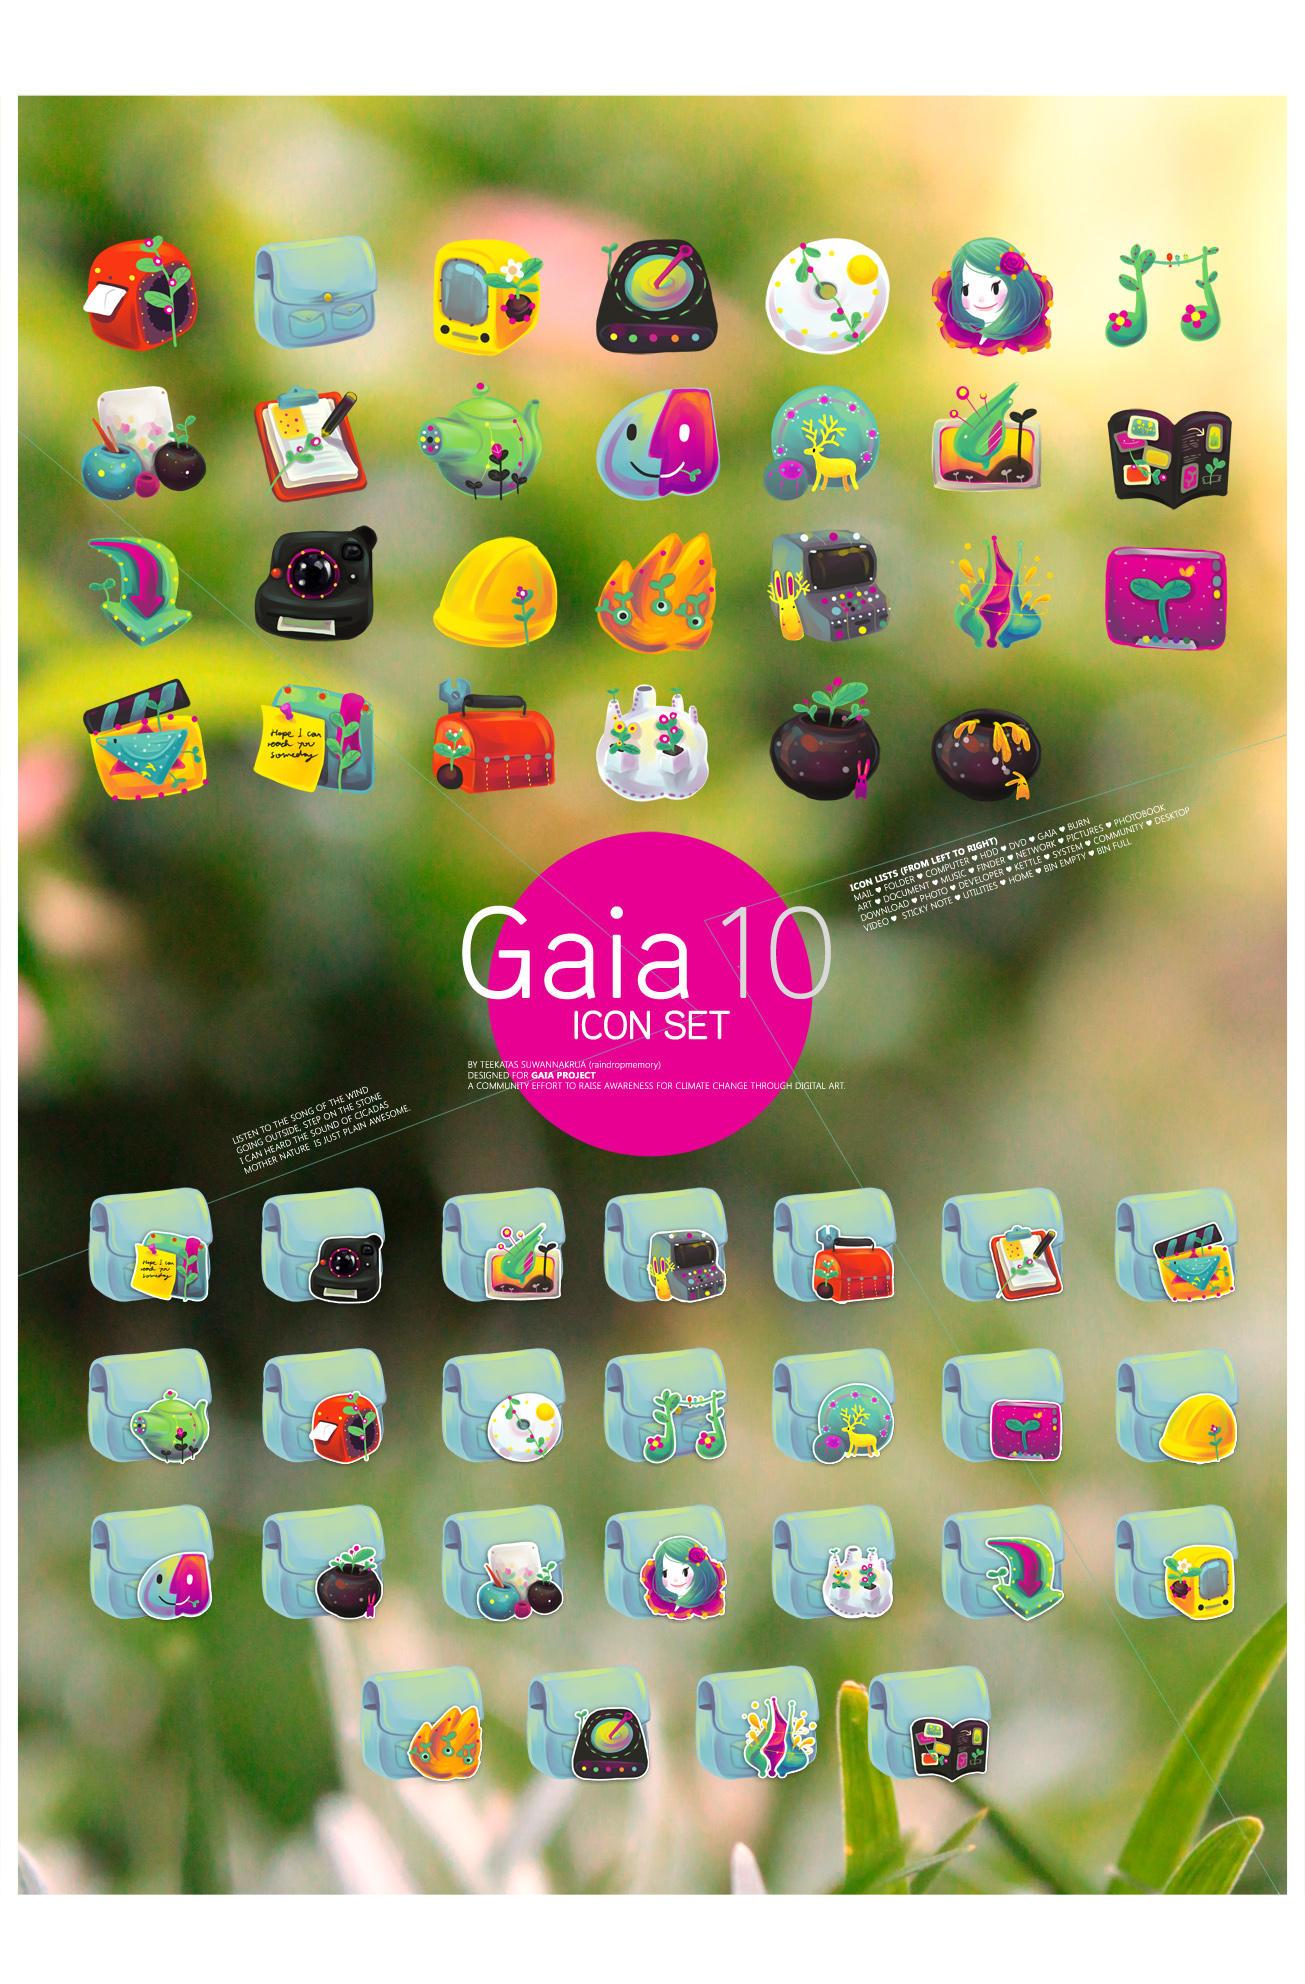 Gaia10 Icon Set By Raindropmemory On DeviantArt